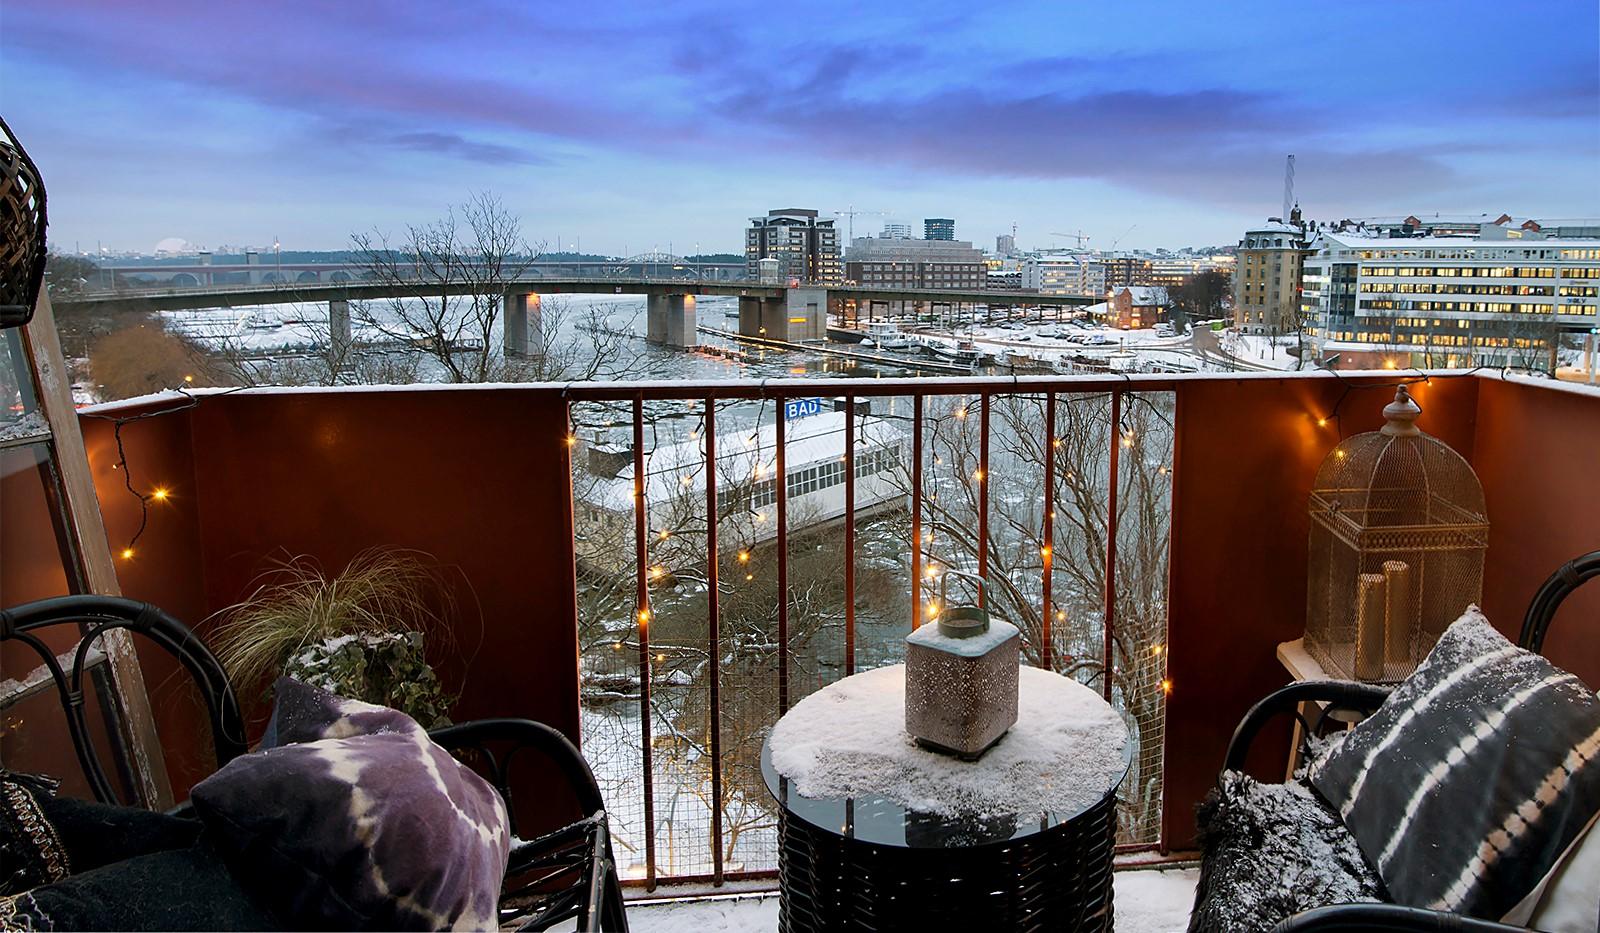 Bergsunds Strand 31, 5 tr, Accepterat pris - Fantastisk utsikt från balkongerna. Njut av solen och vattnet med en god måltid sommartid